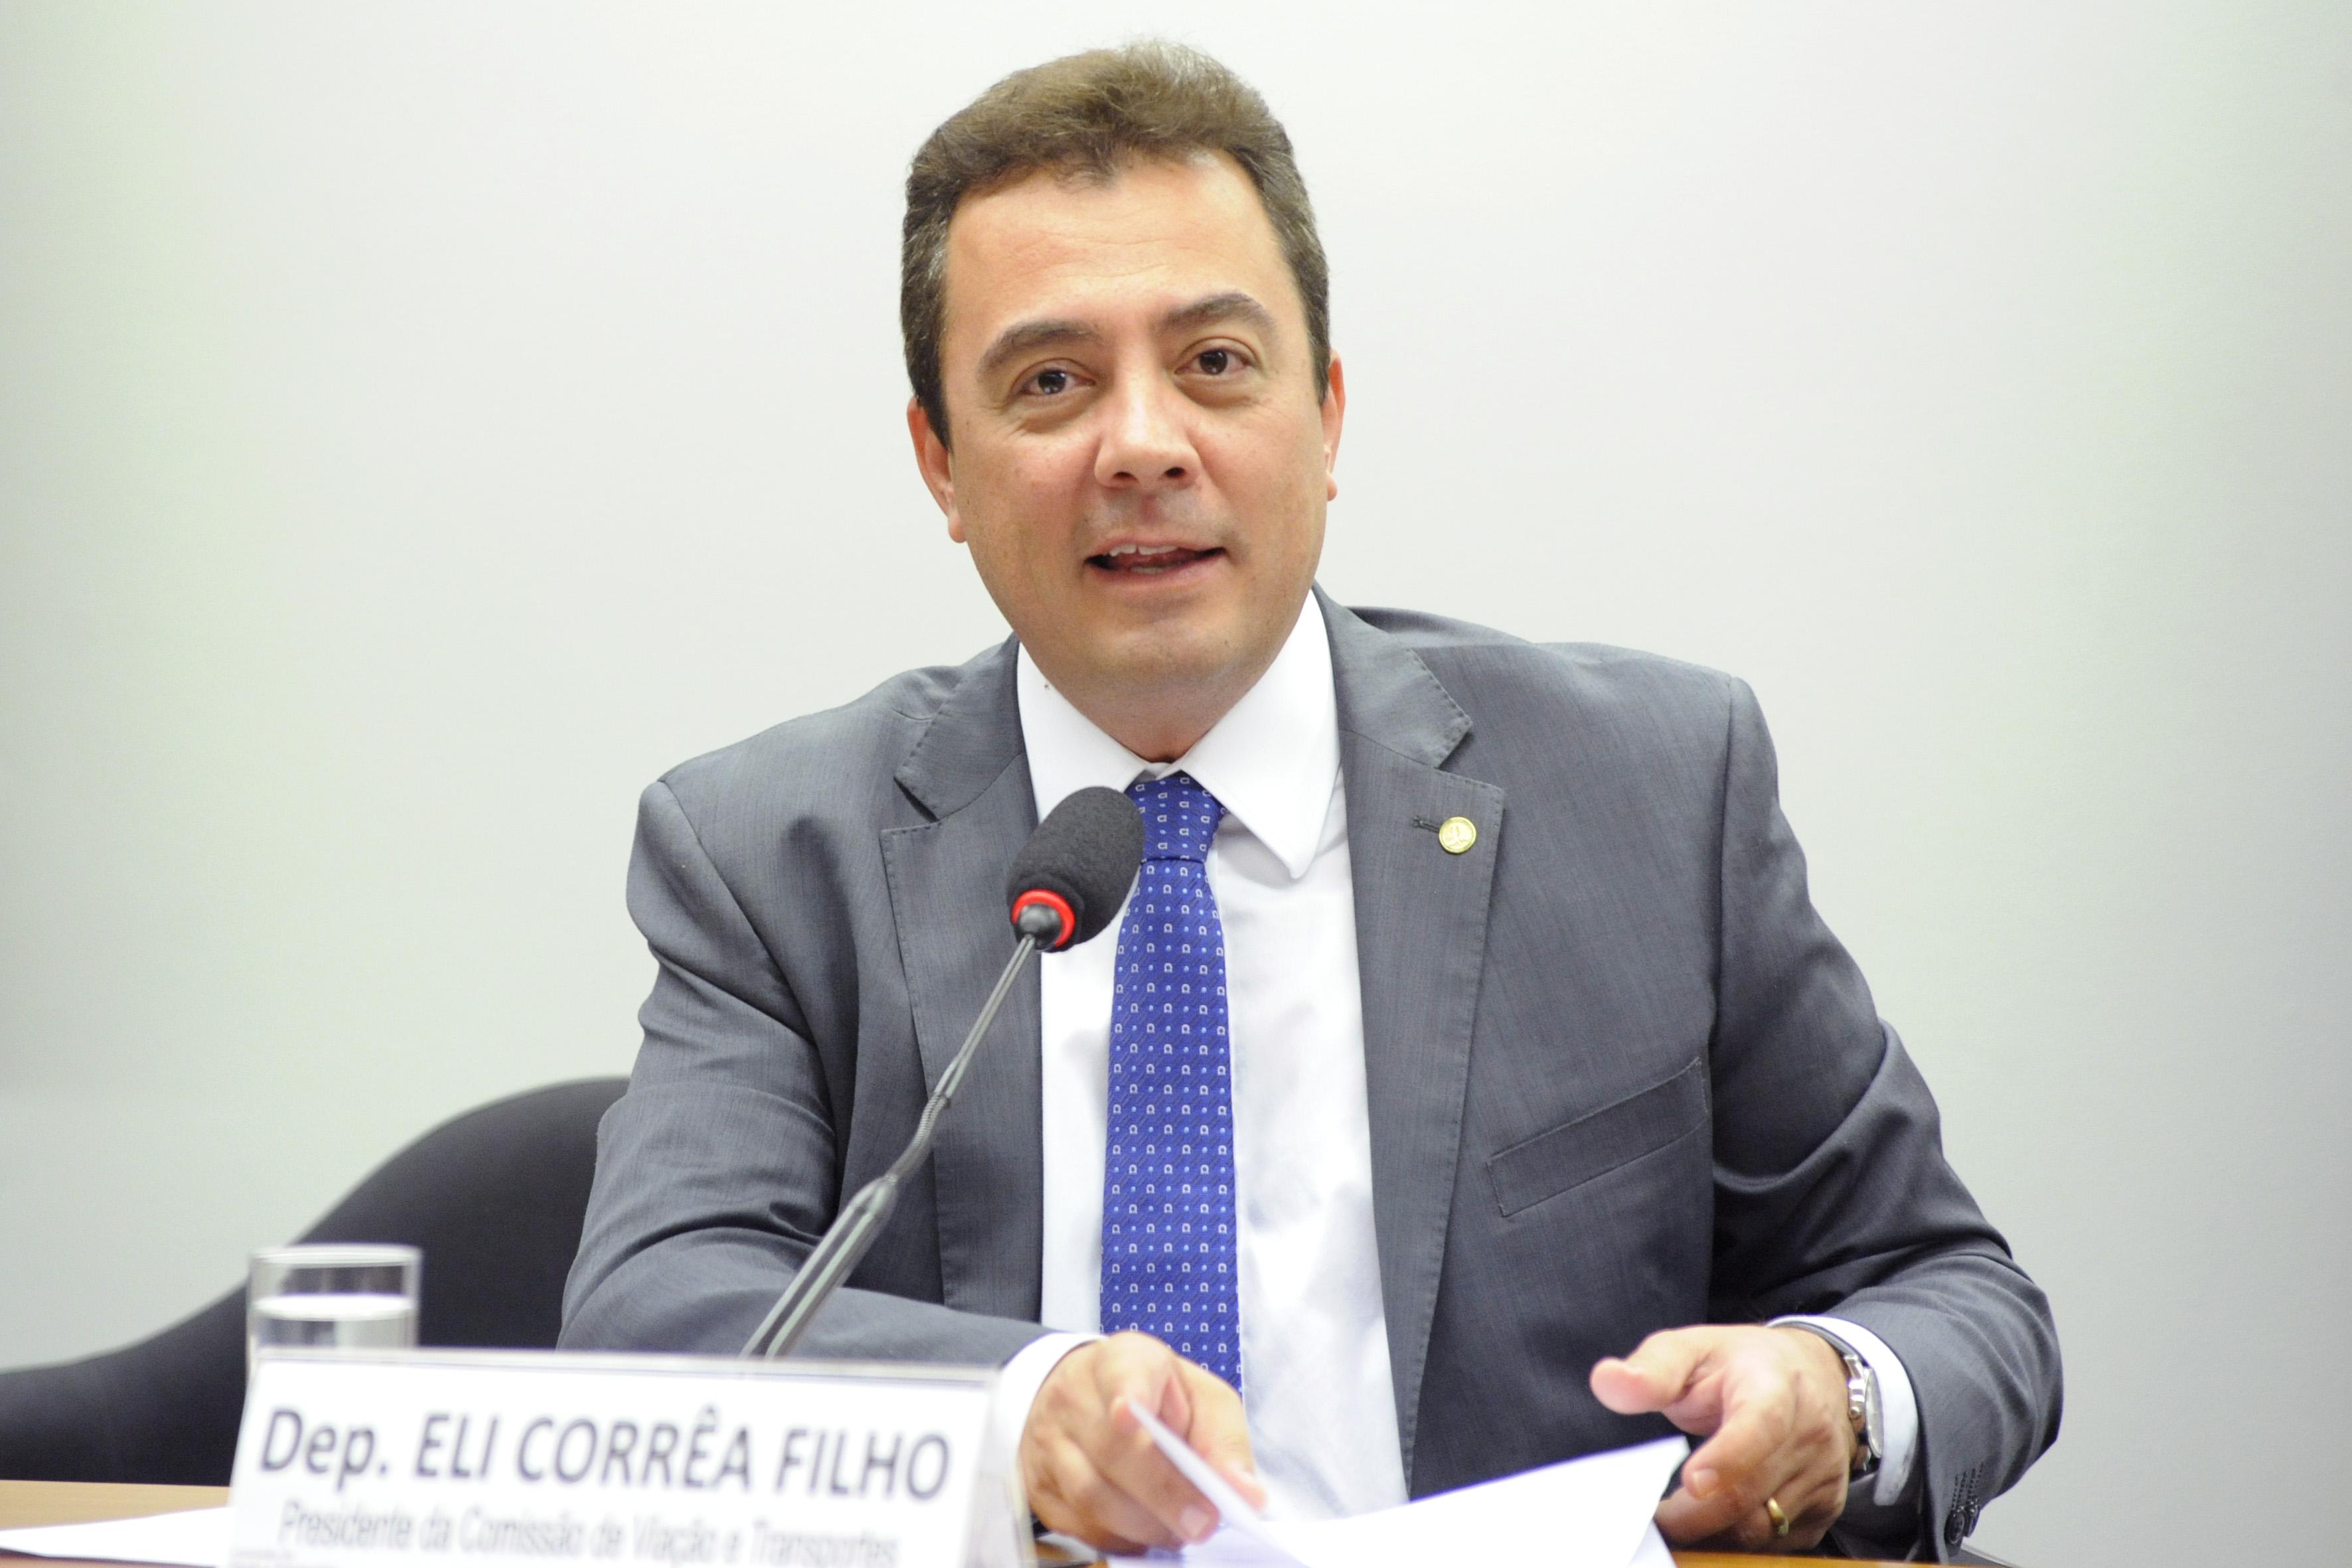 Instalação da Comissão e eleição para presidente e vice-presidentes. Presidente, dep. Eli Corrêa Filho (DEM - SP)